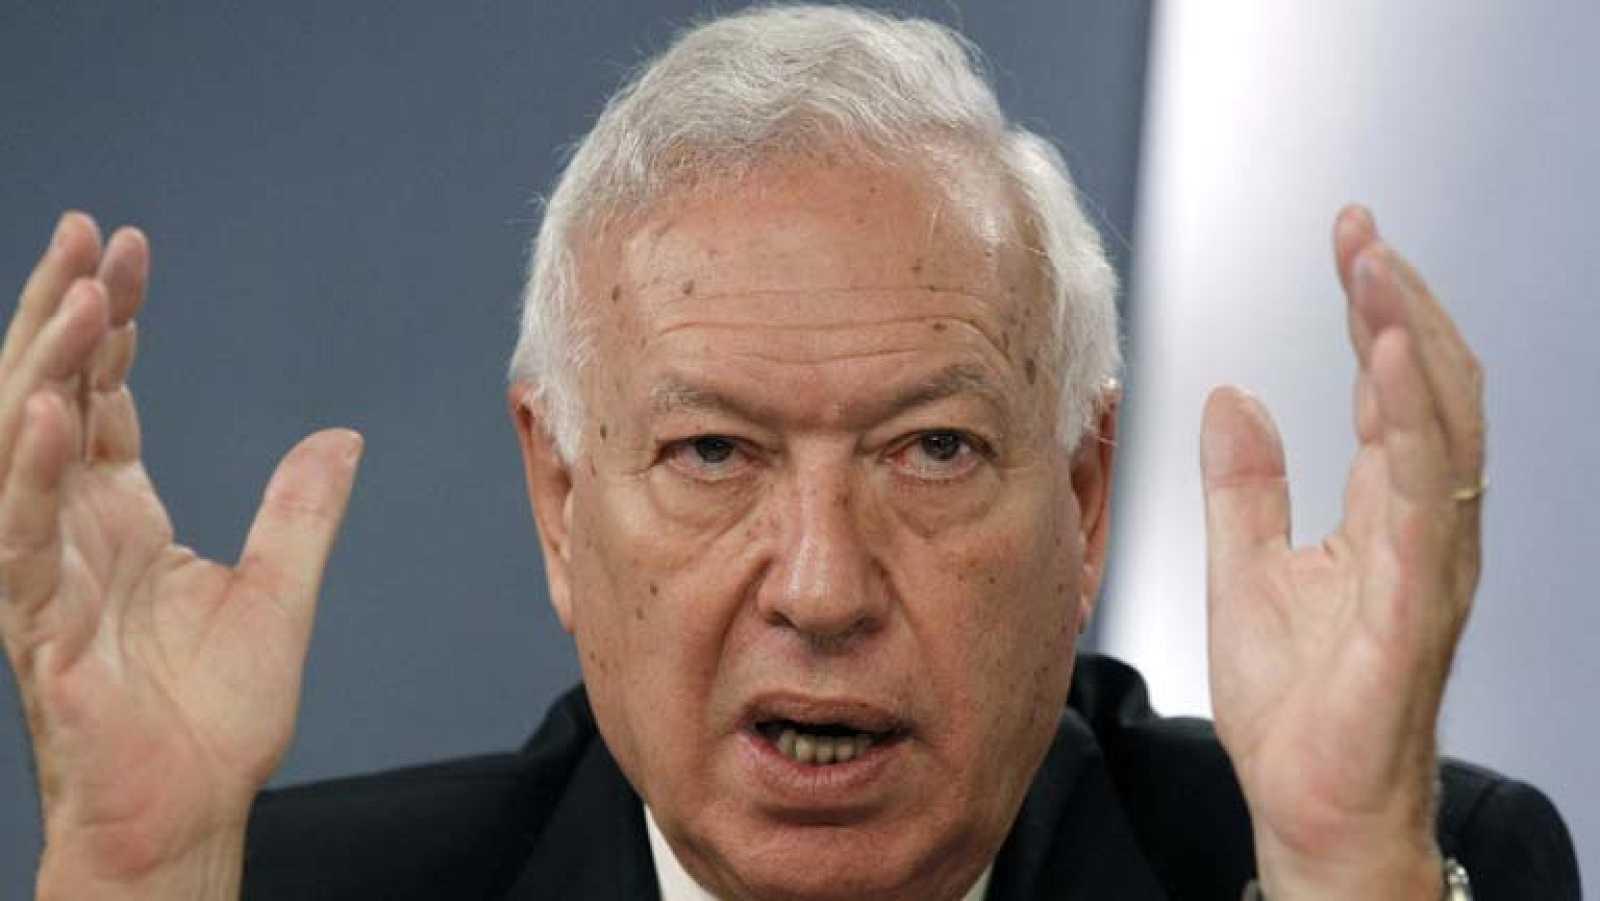 El ministro de Exteriores se pronuncia sobre el envío de armas a la oposión siria